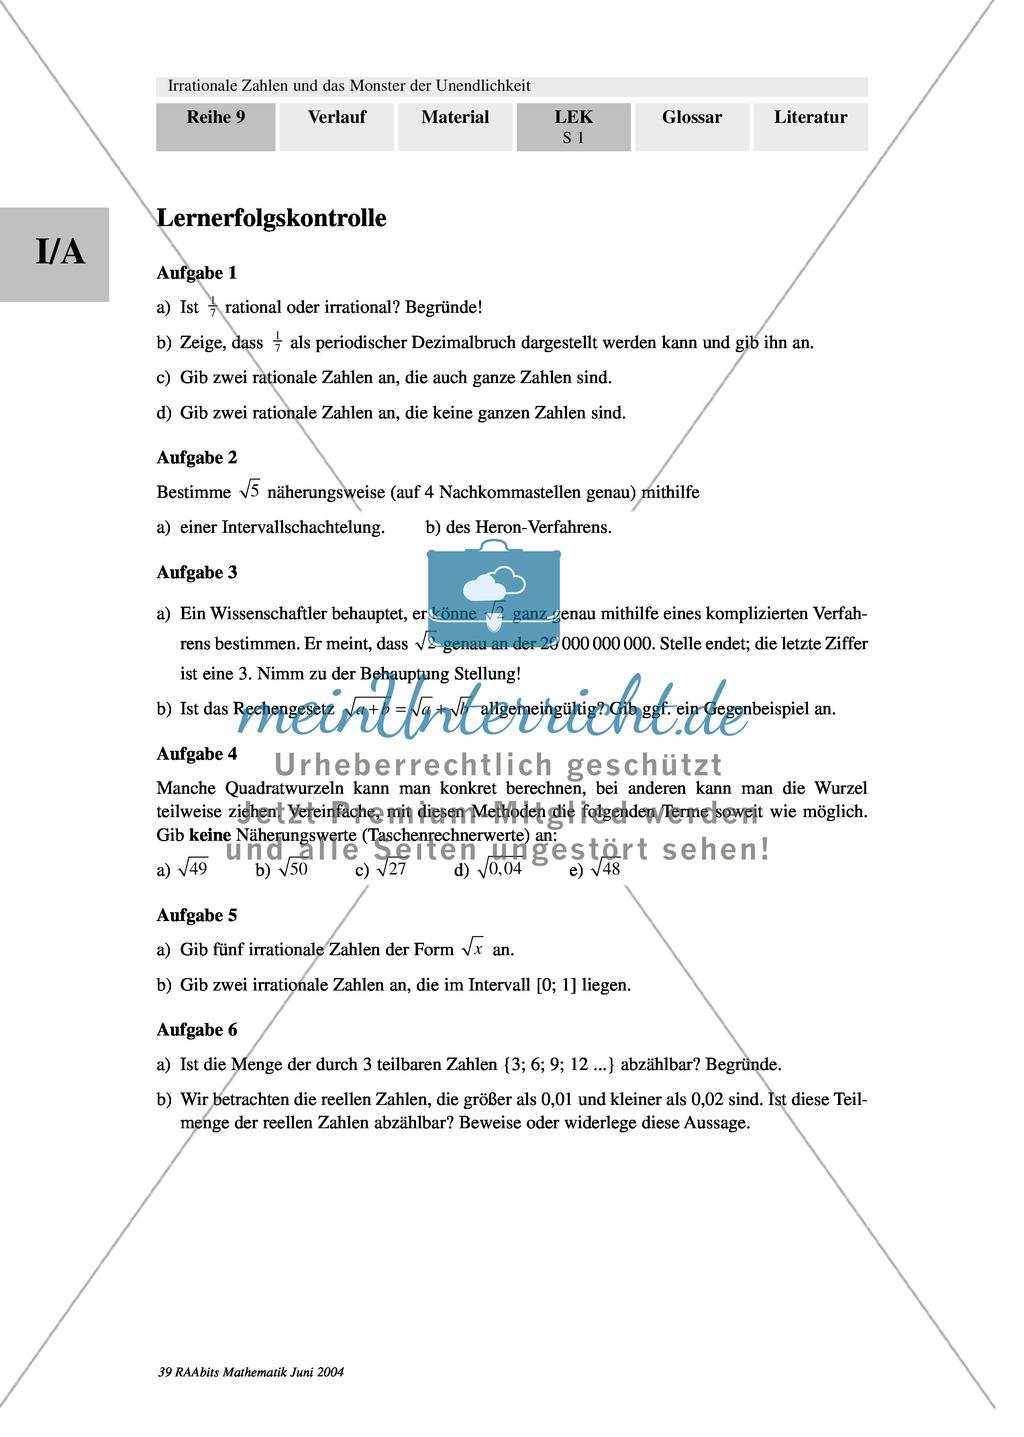 Test/Lernerfolgskontrolle zum Thema irrationale Zahlen, Wurzeln mit ...